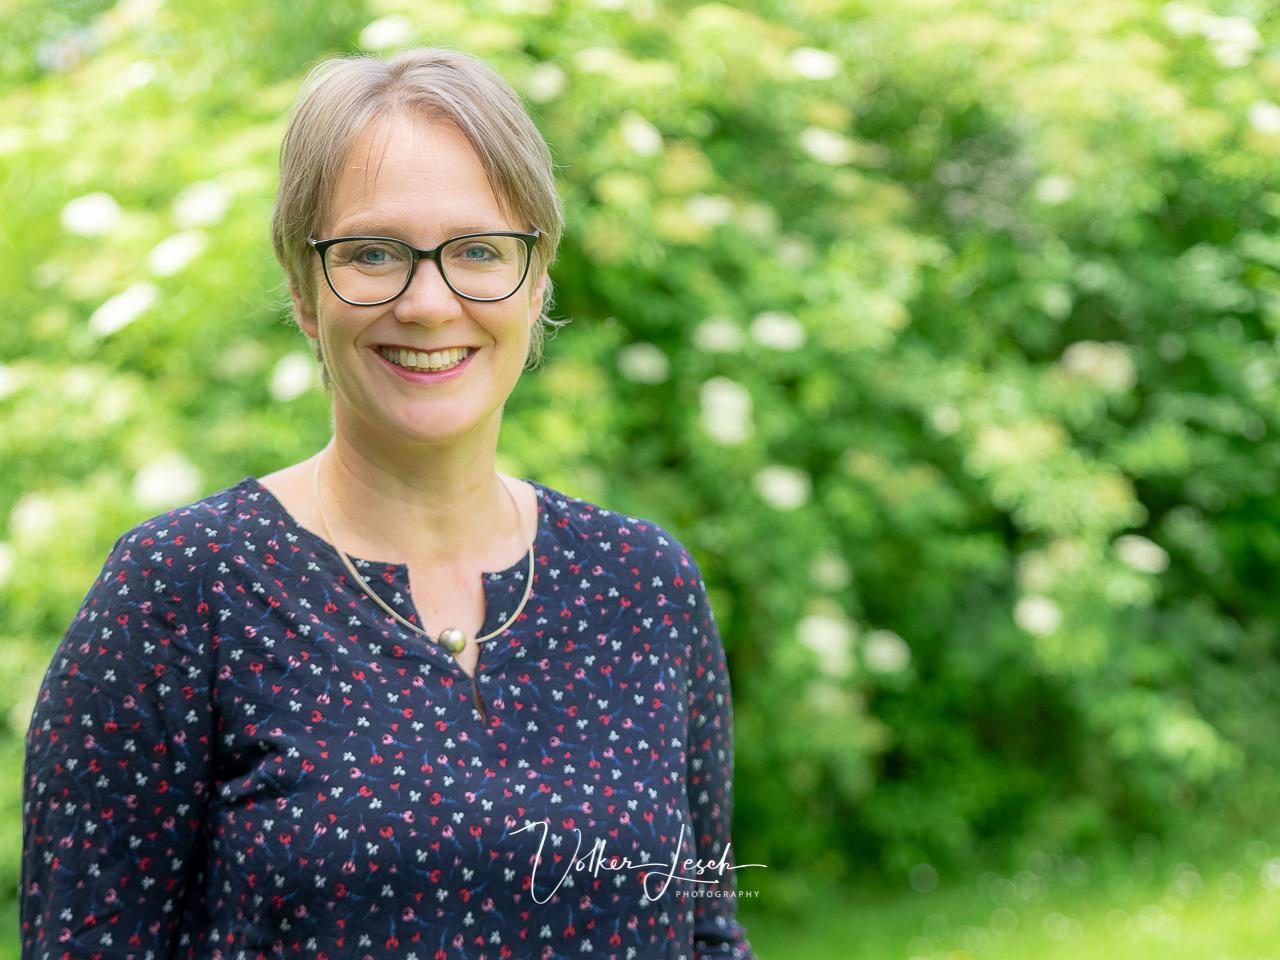 Martina Thalmayr - Bürgermeisterkandidatin Bad Aibling